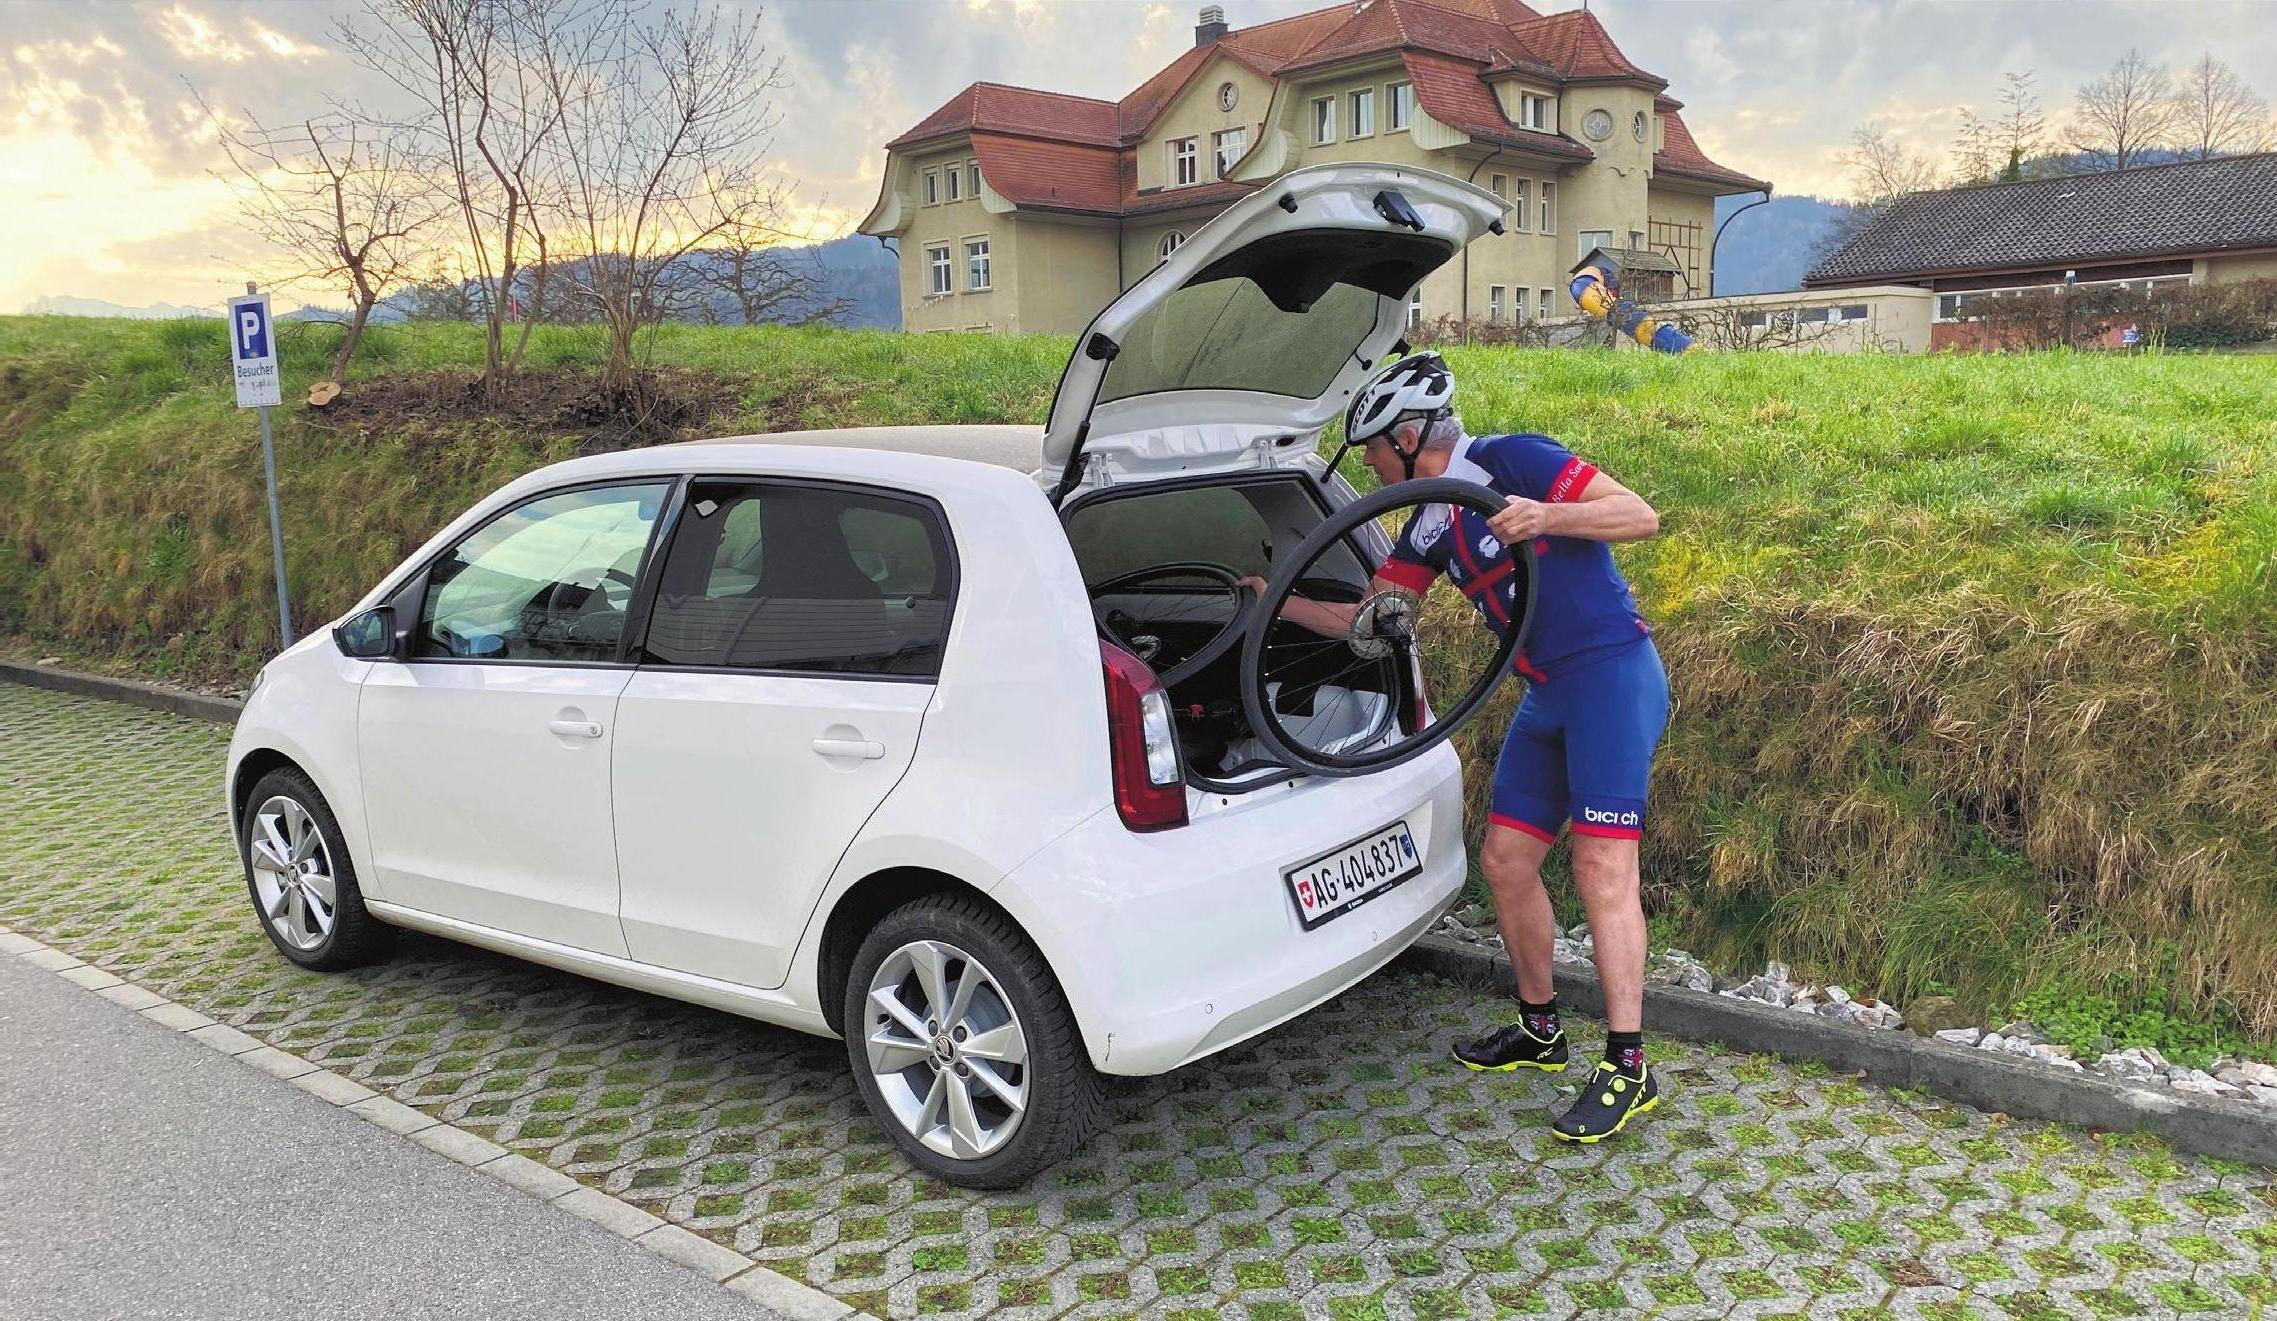 Kleinwagen mit überraschend viel Platz im Kofferraum: Im Citigo e iV lässt sich auch ein Rennrad gut verstauen. Bild: Bruno Stüdle